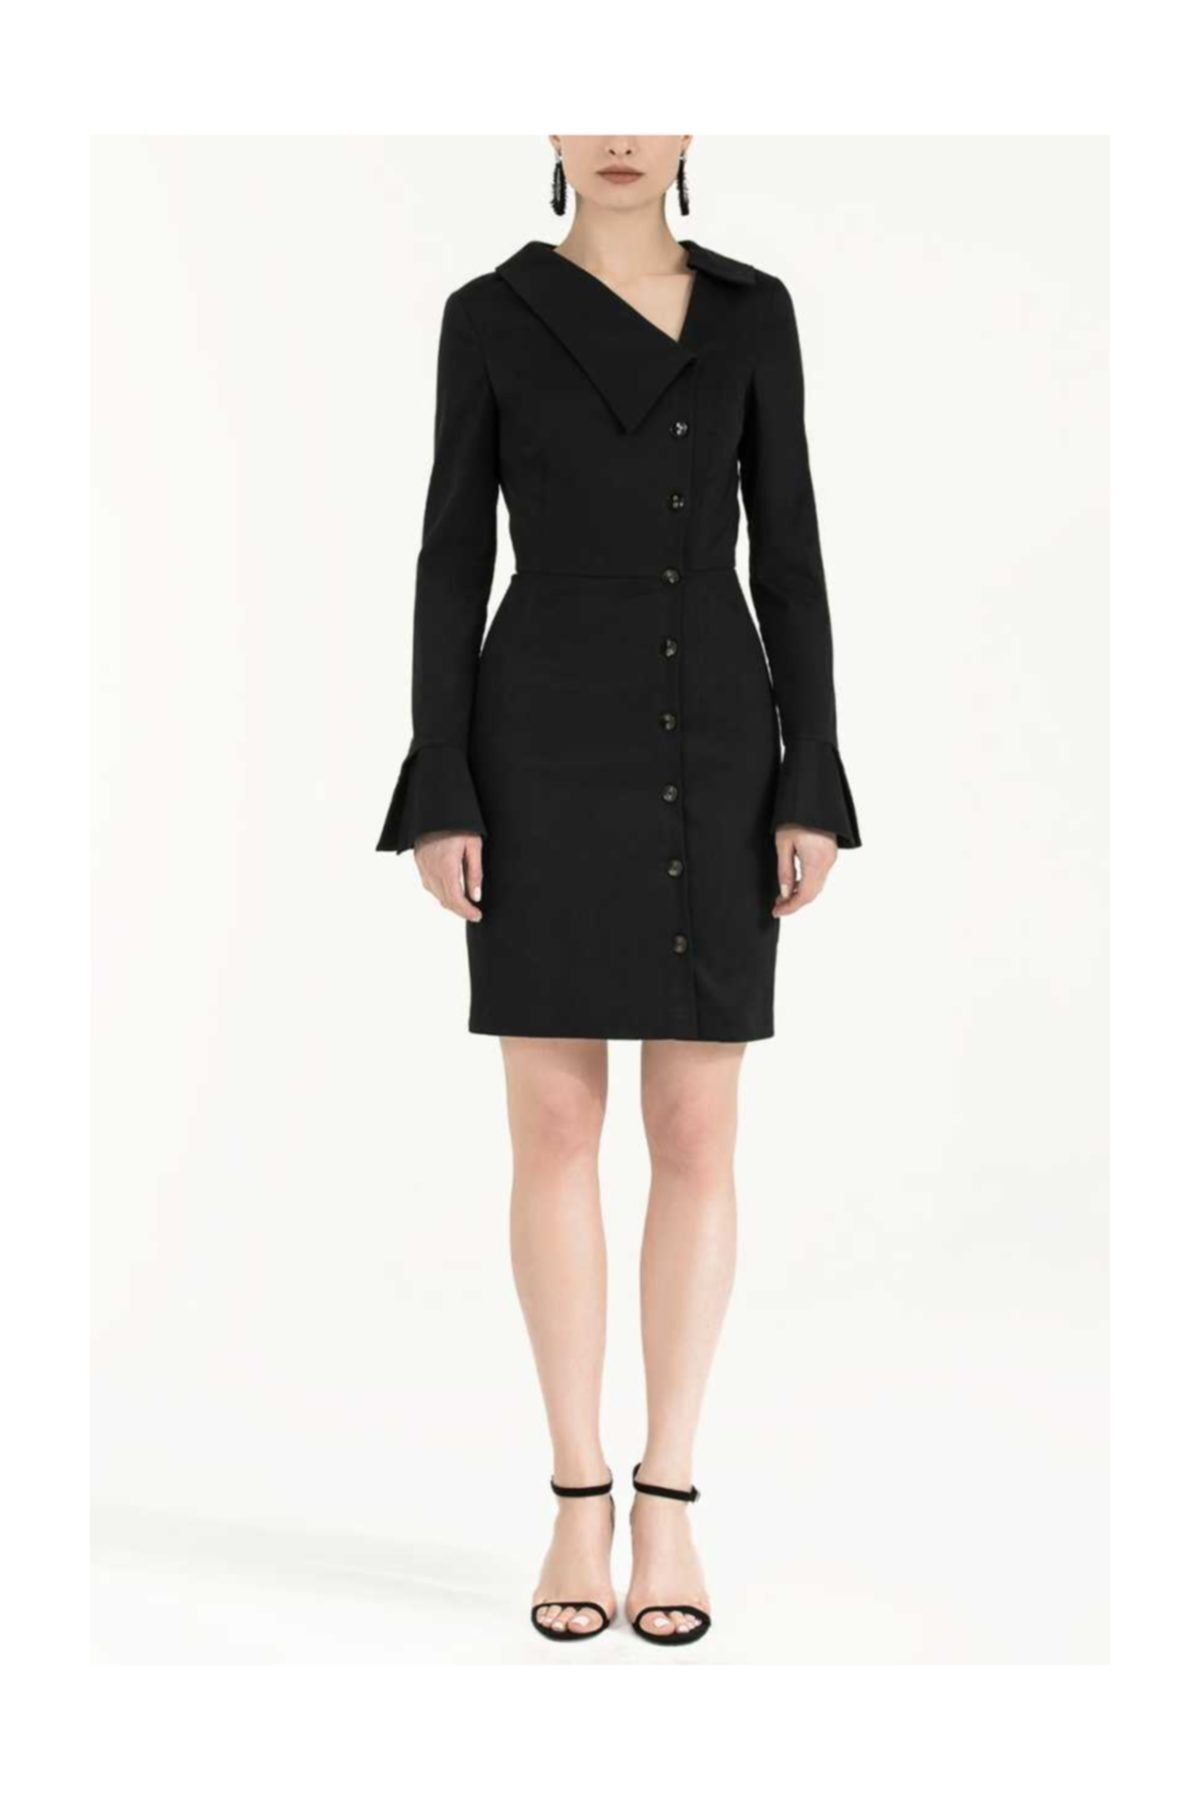 SOCIETA Düğmeli Asimetrik Yaka Dar Kesim Elbise Siyah 1